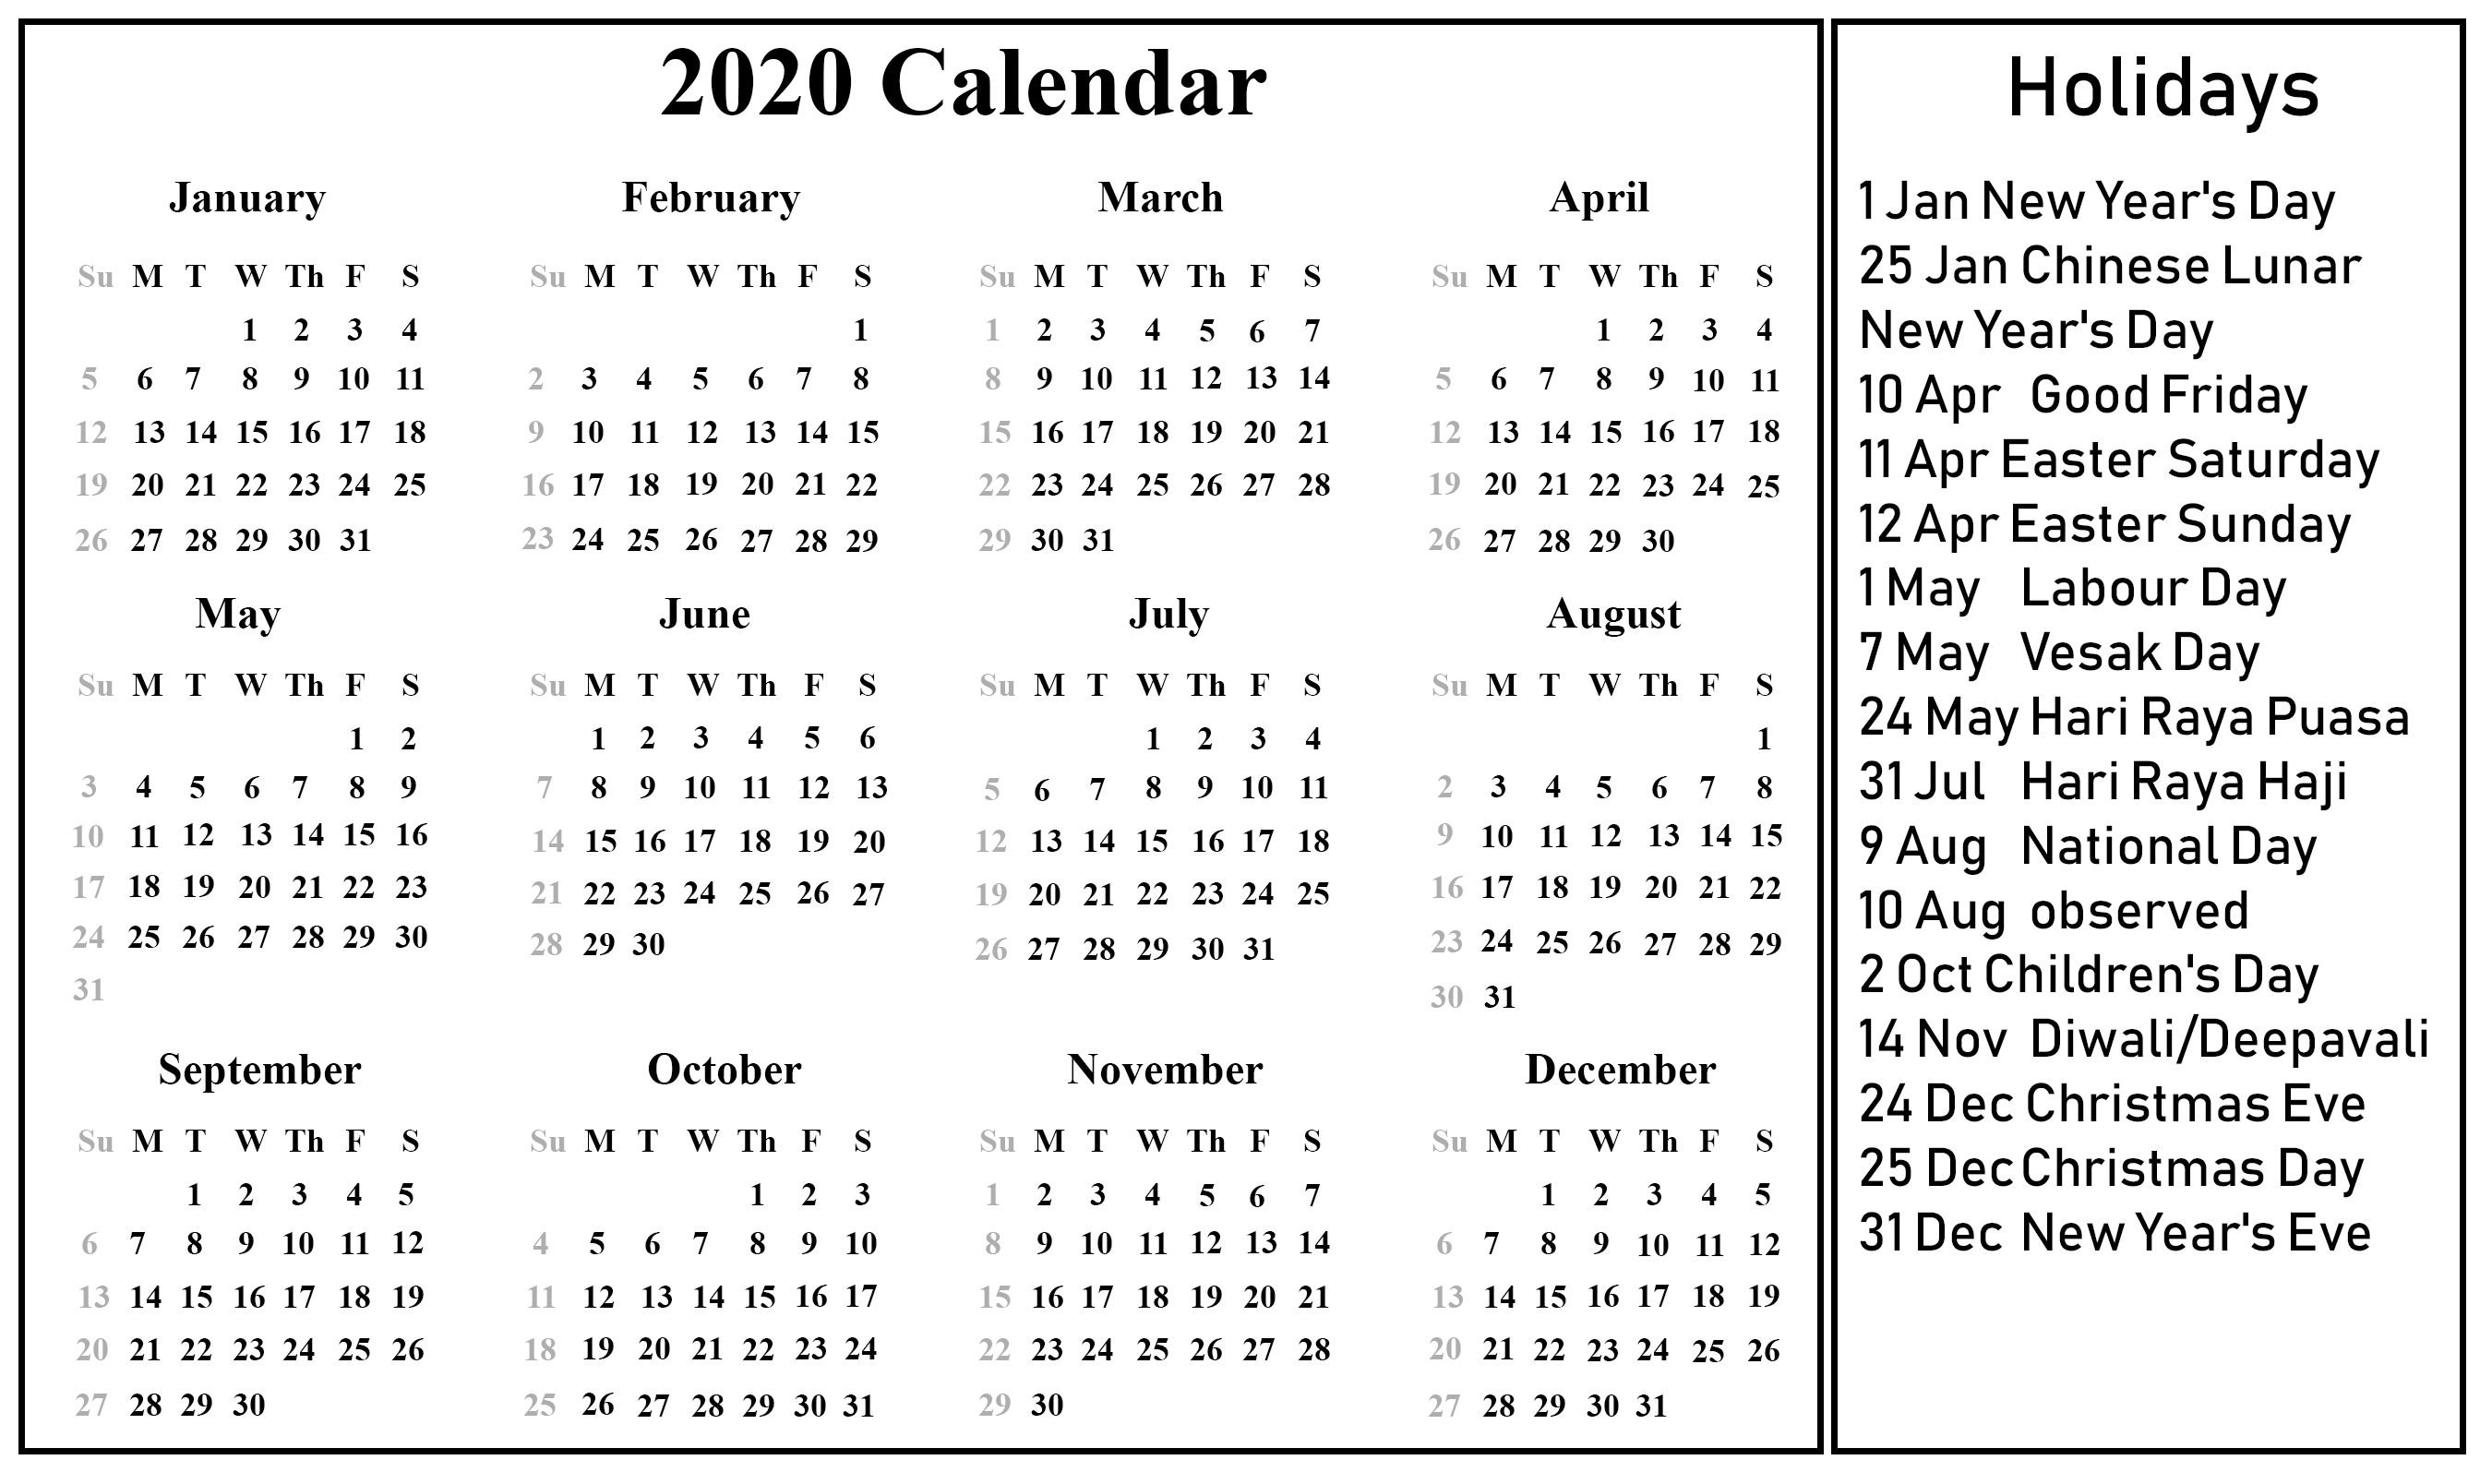 Singapore 2020 Printable Holidays Calendar Printable Dashing Free Printable Christmas Cal Holiday Calendar Printable Holiday Calendar School Holiday Calendar